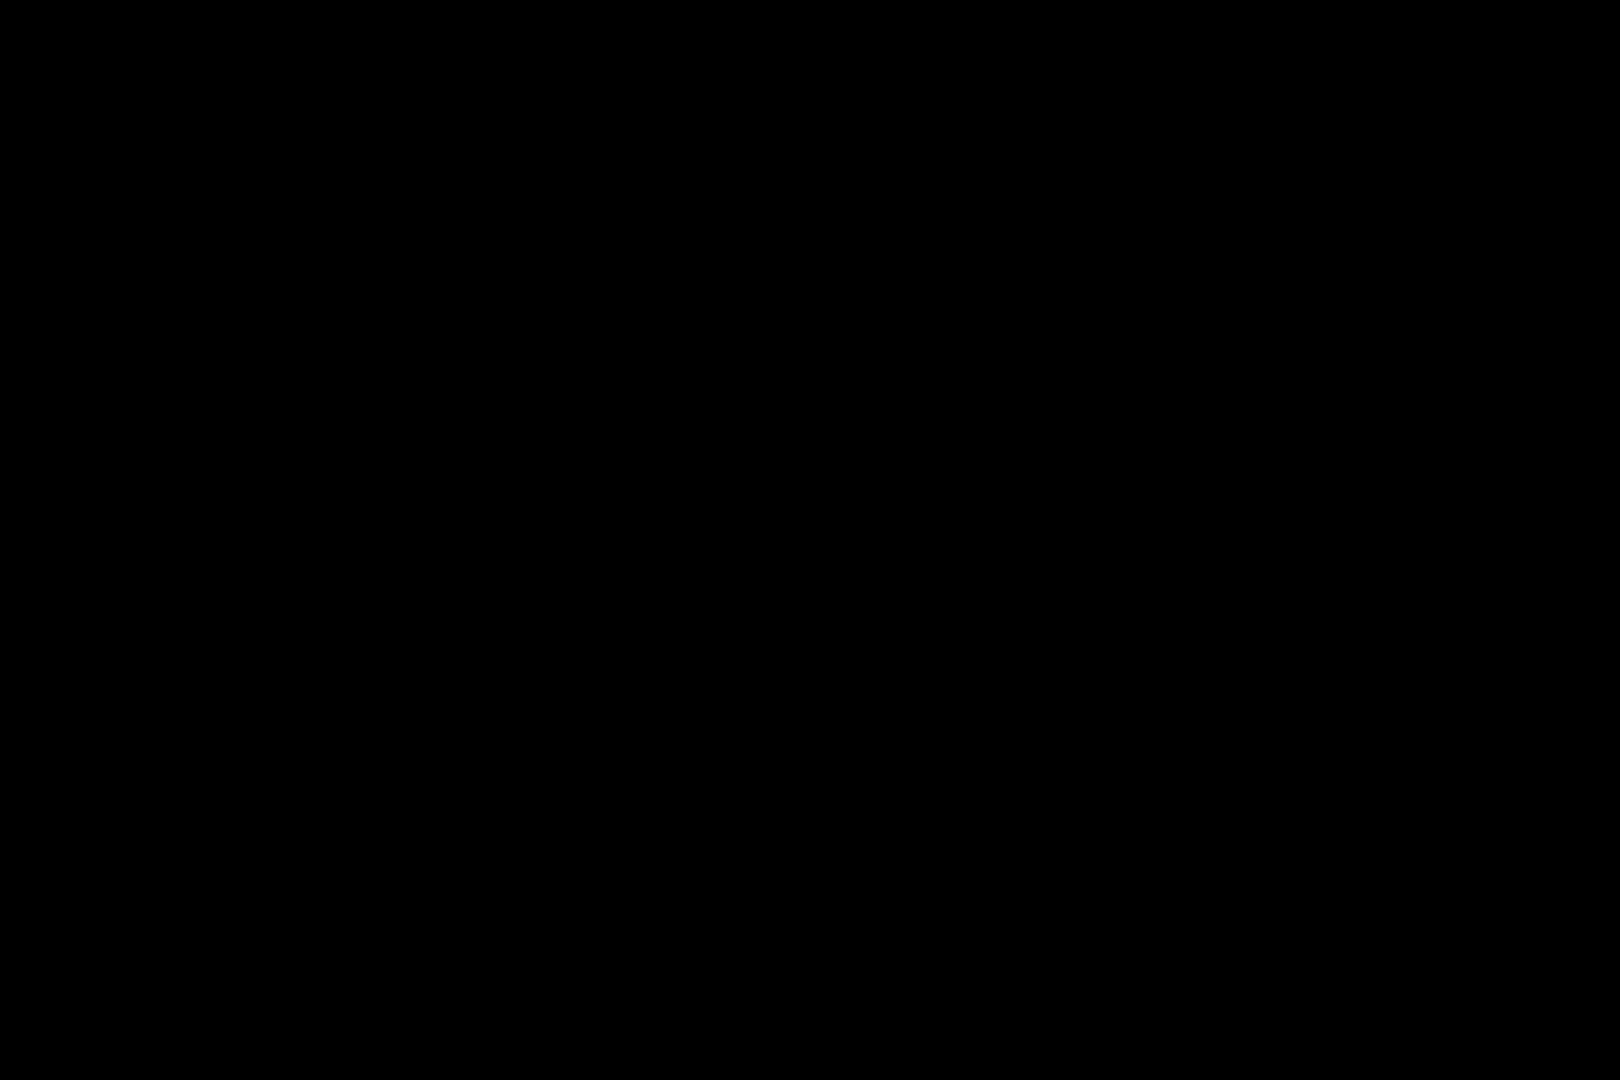 「充血監督」さんの深夜の運動会!! vol.023 ギャル盗撮映像 盗み撮り動画キャプチャ 59PIX 16